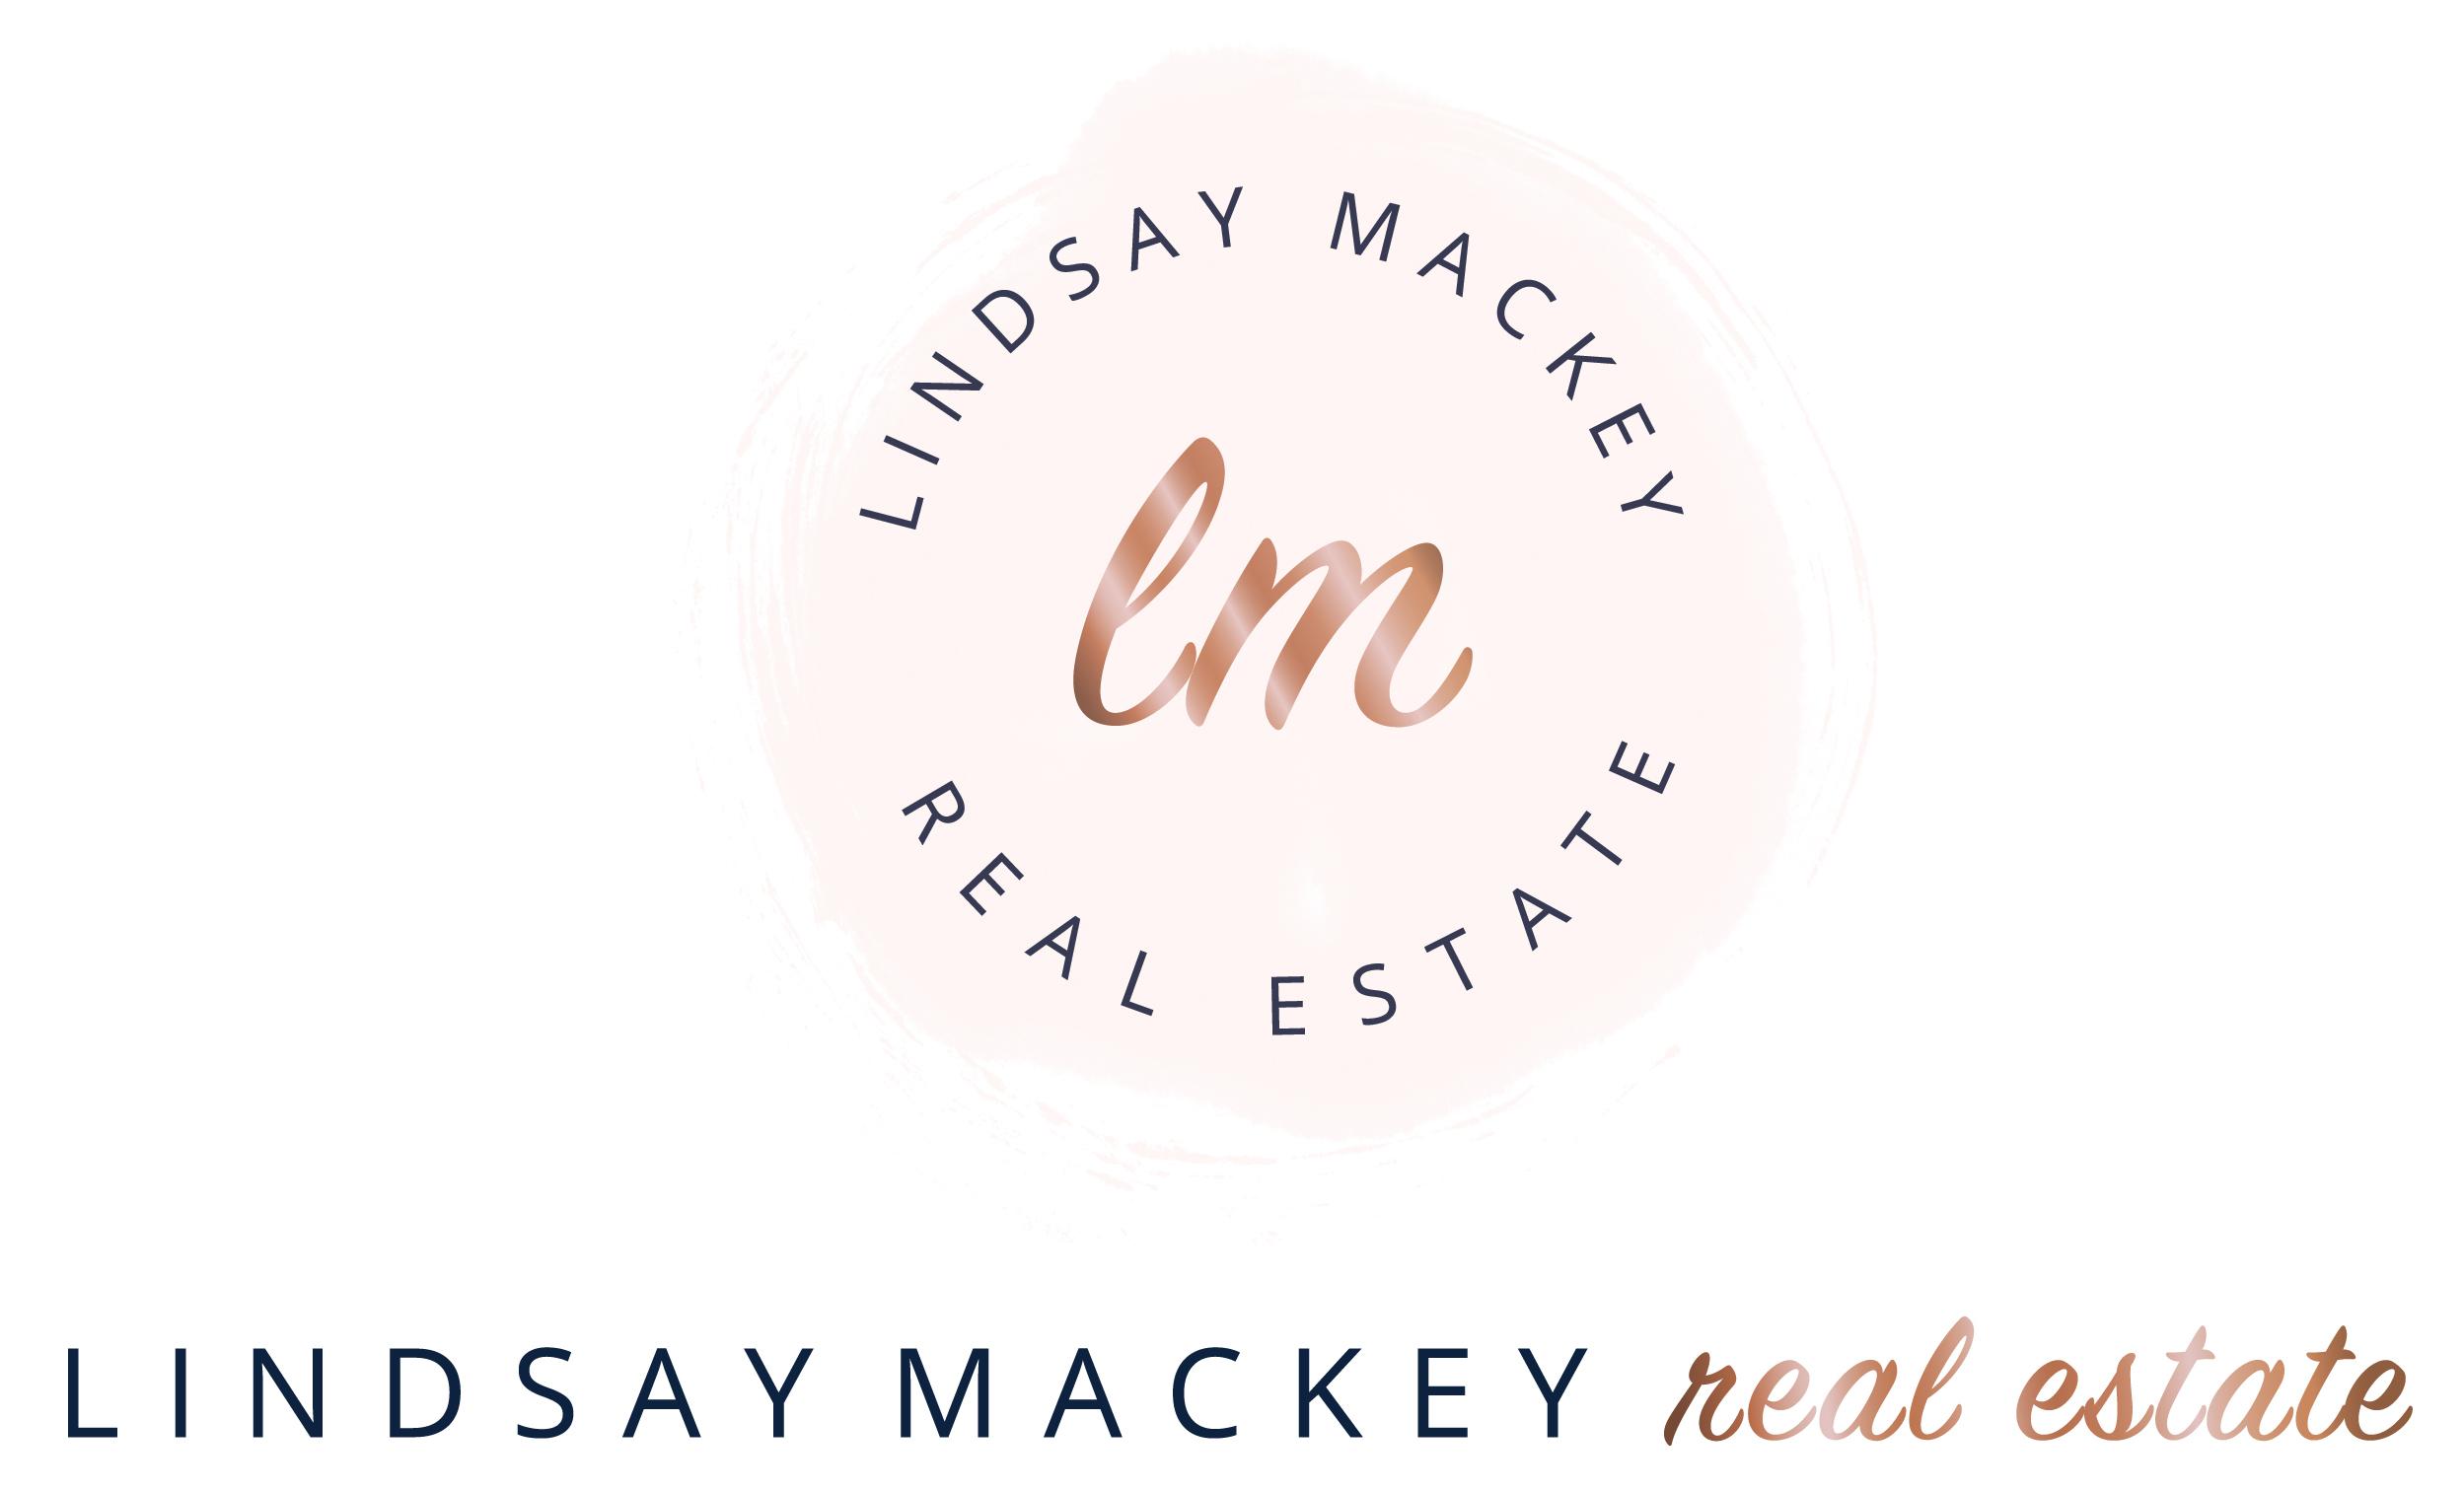 Lindsay Mackey